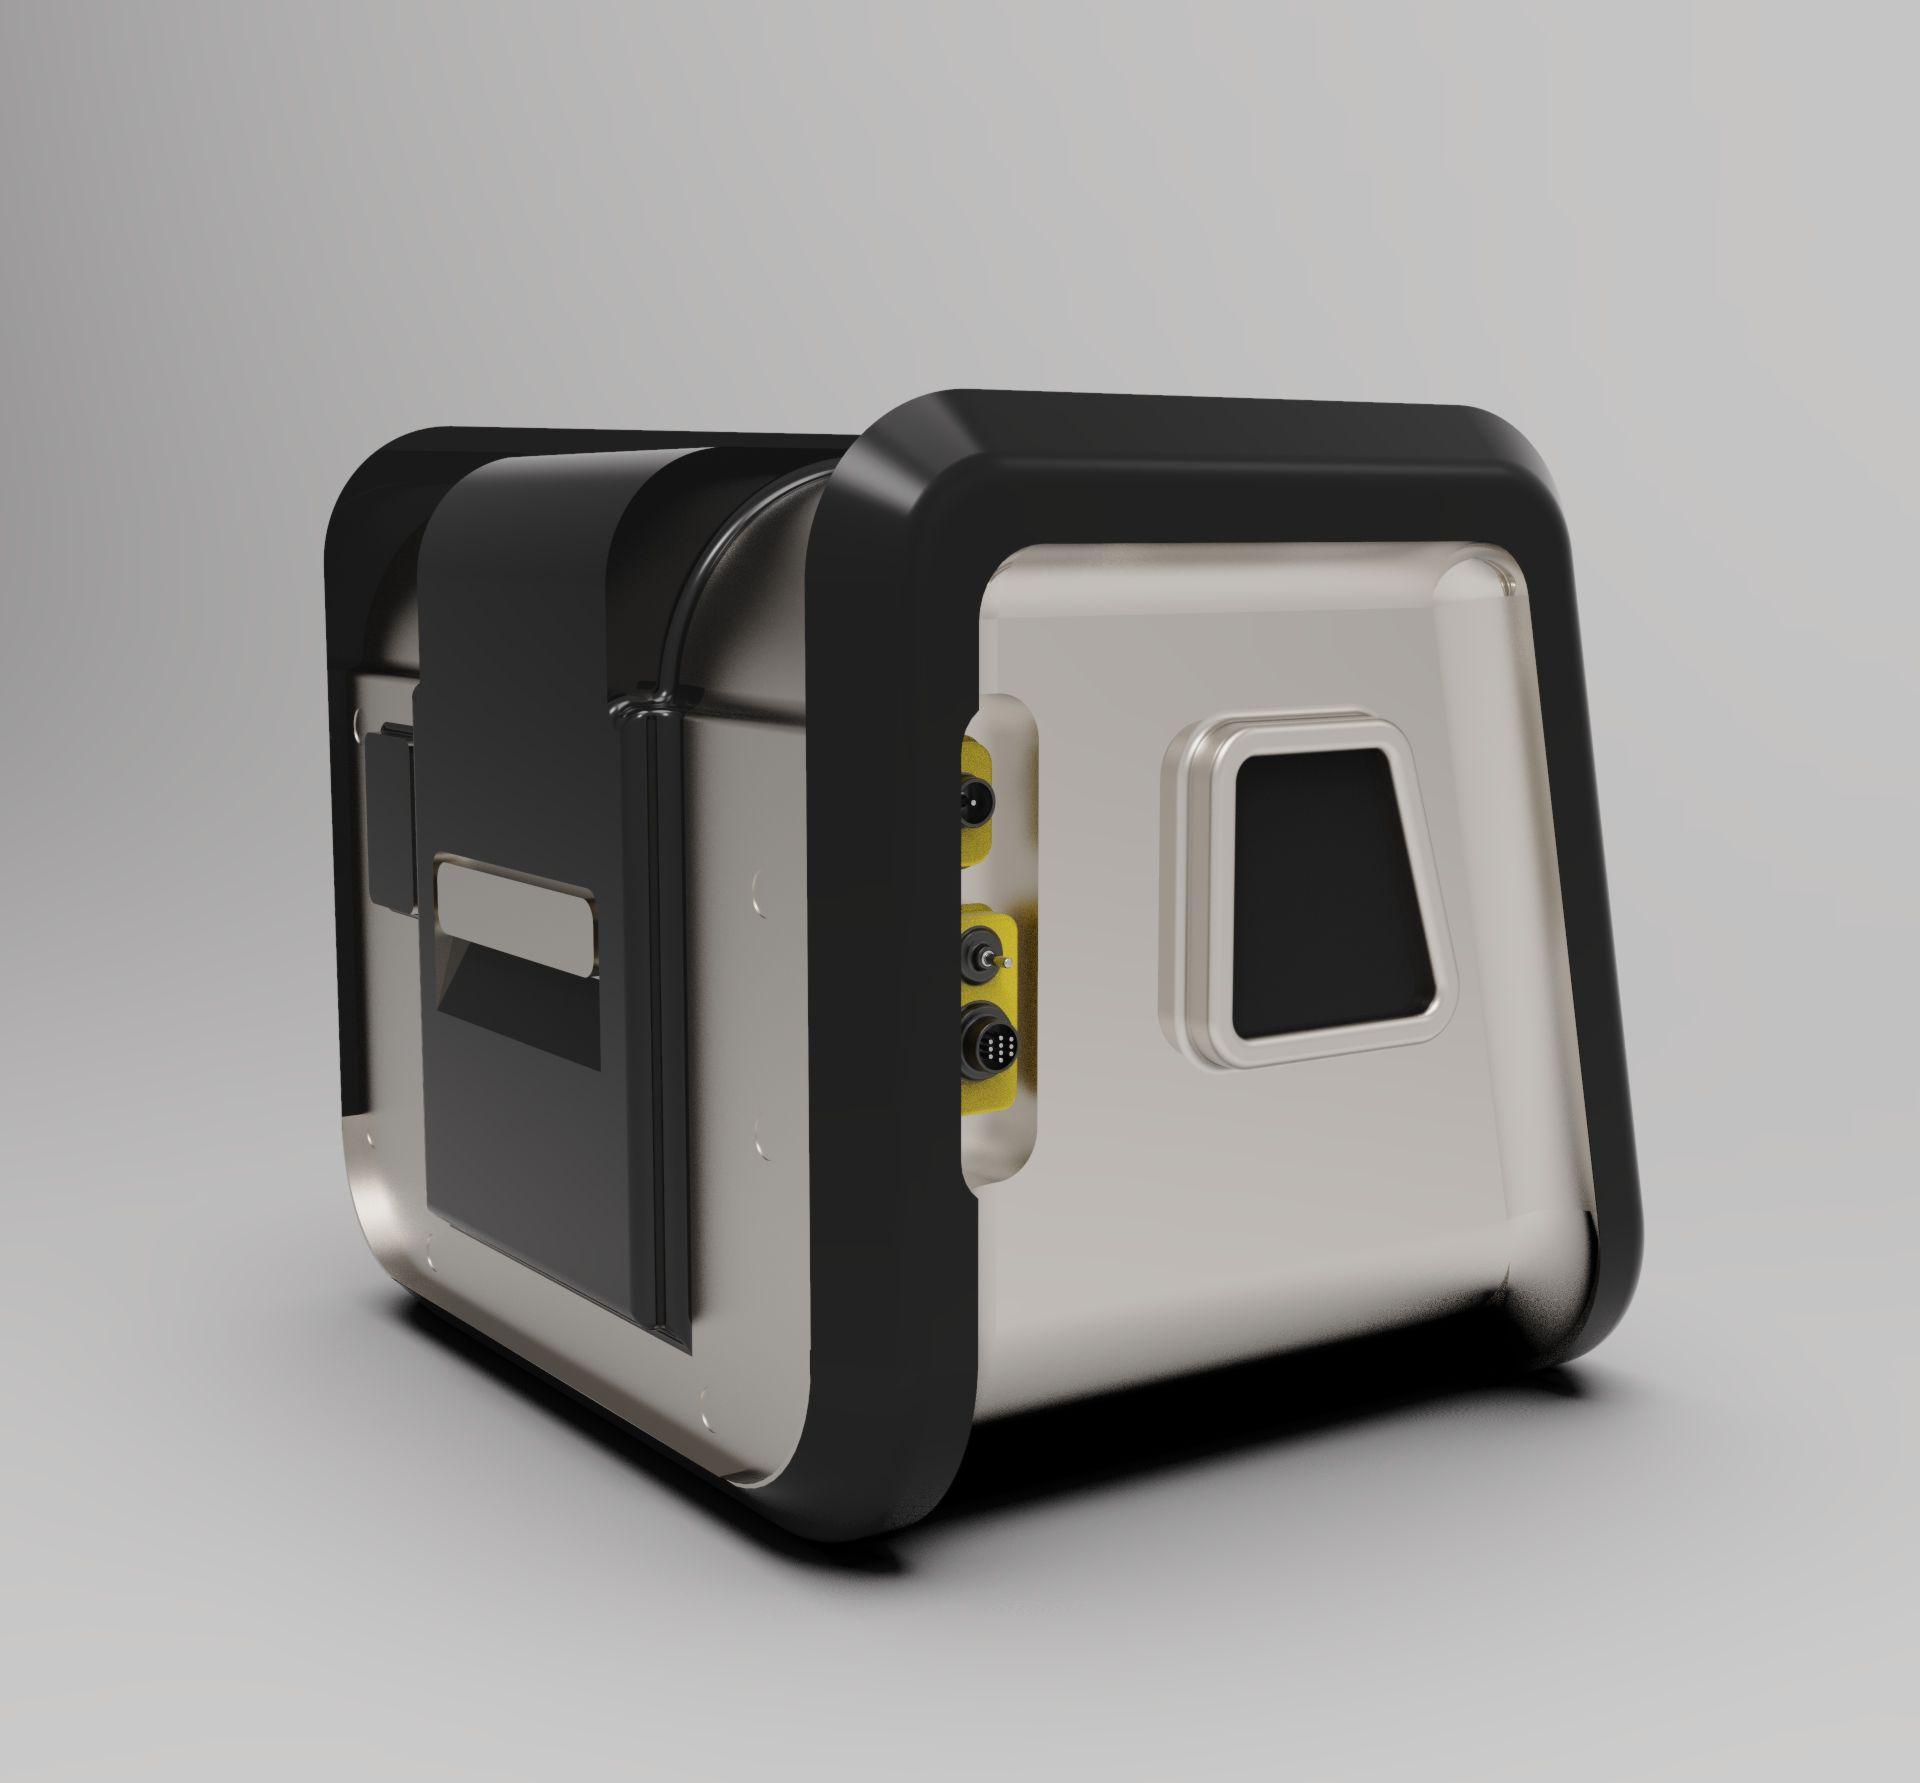 Mri4-3500-3500